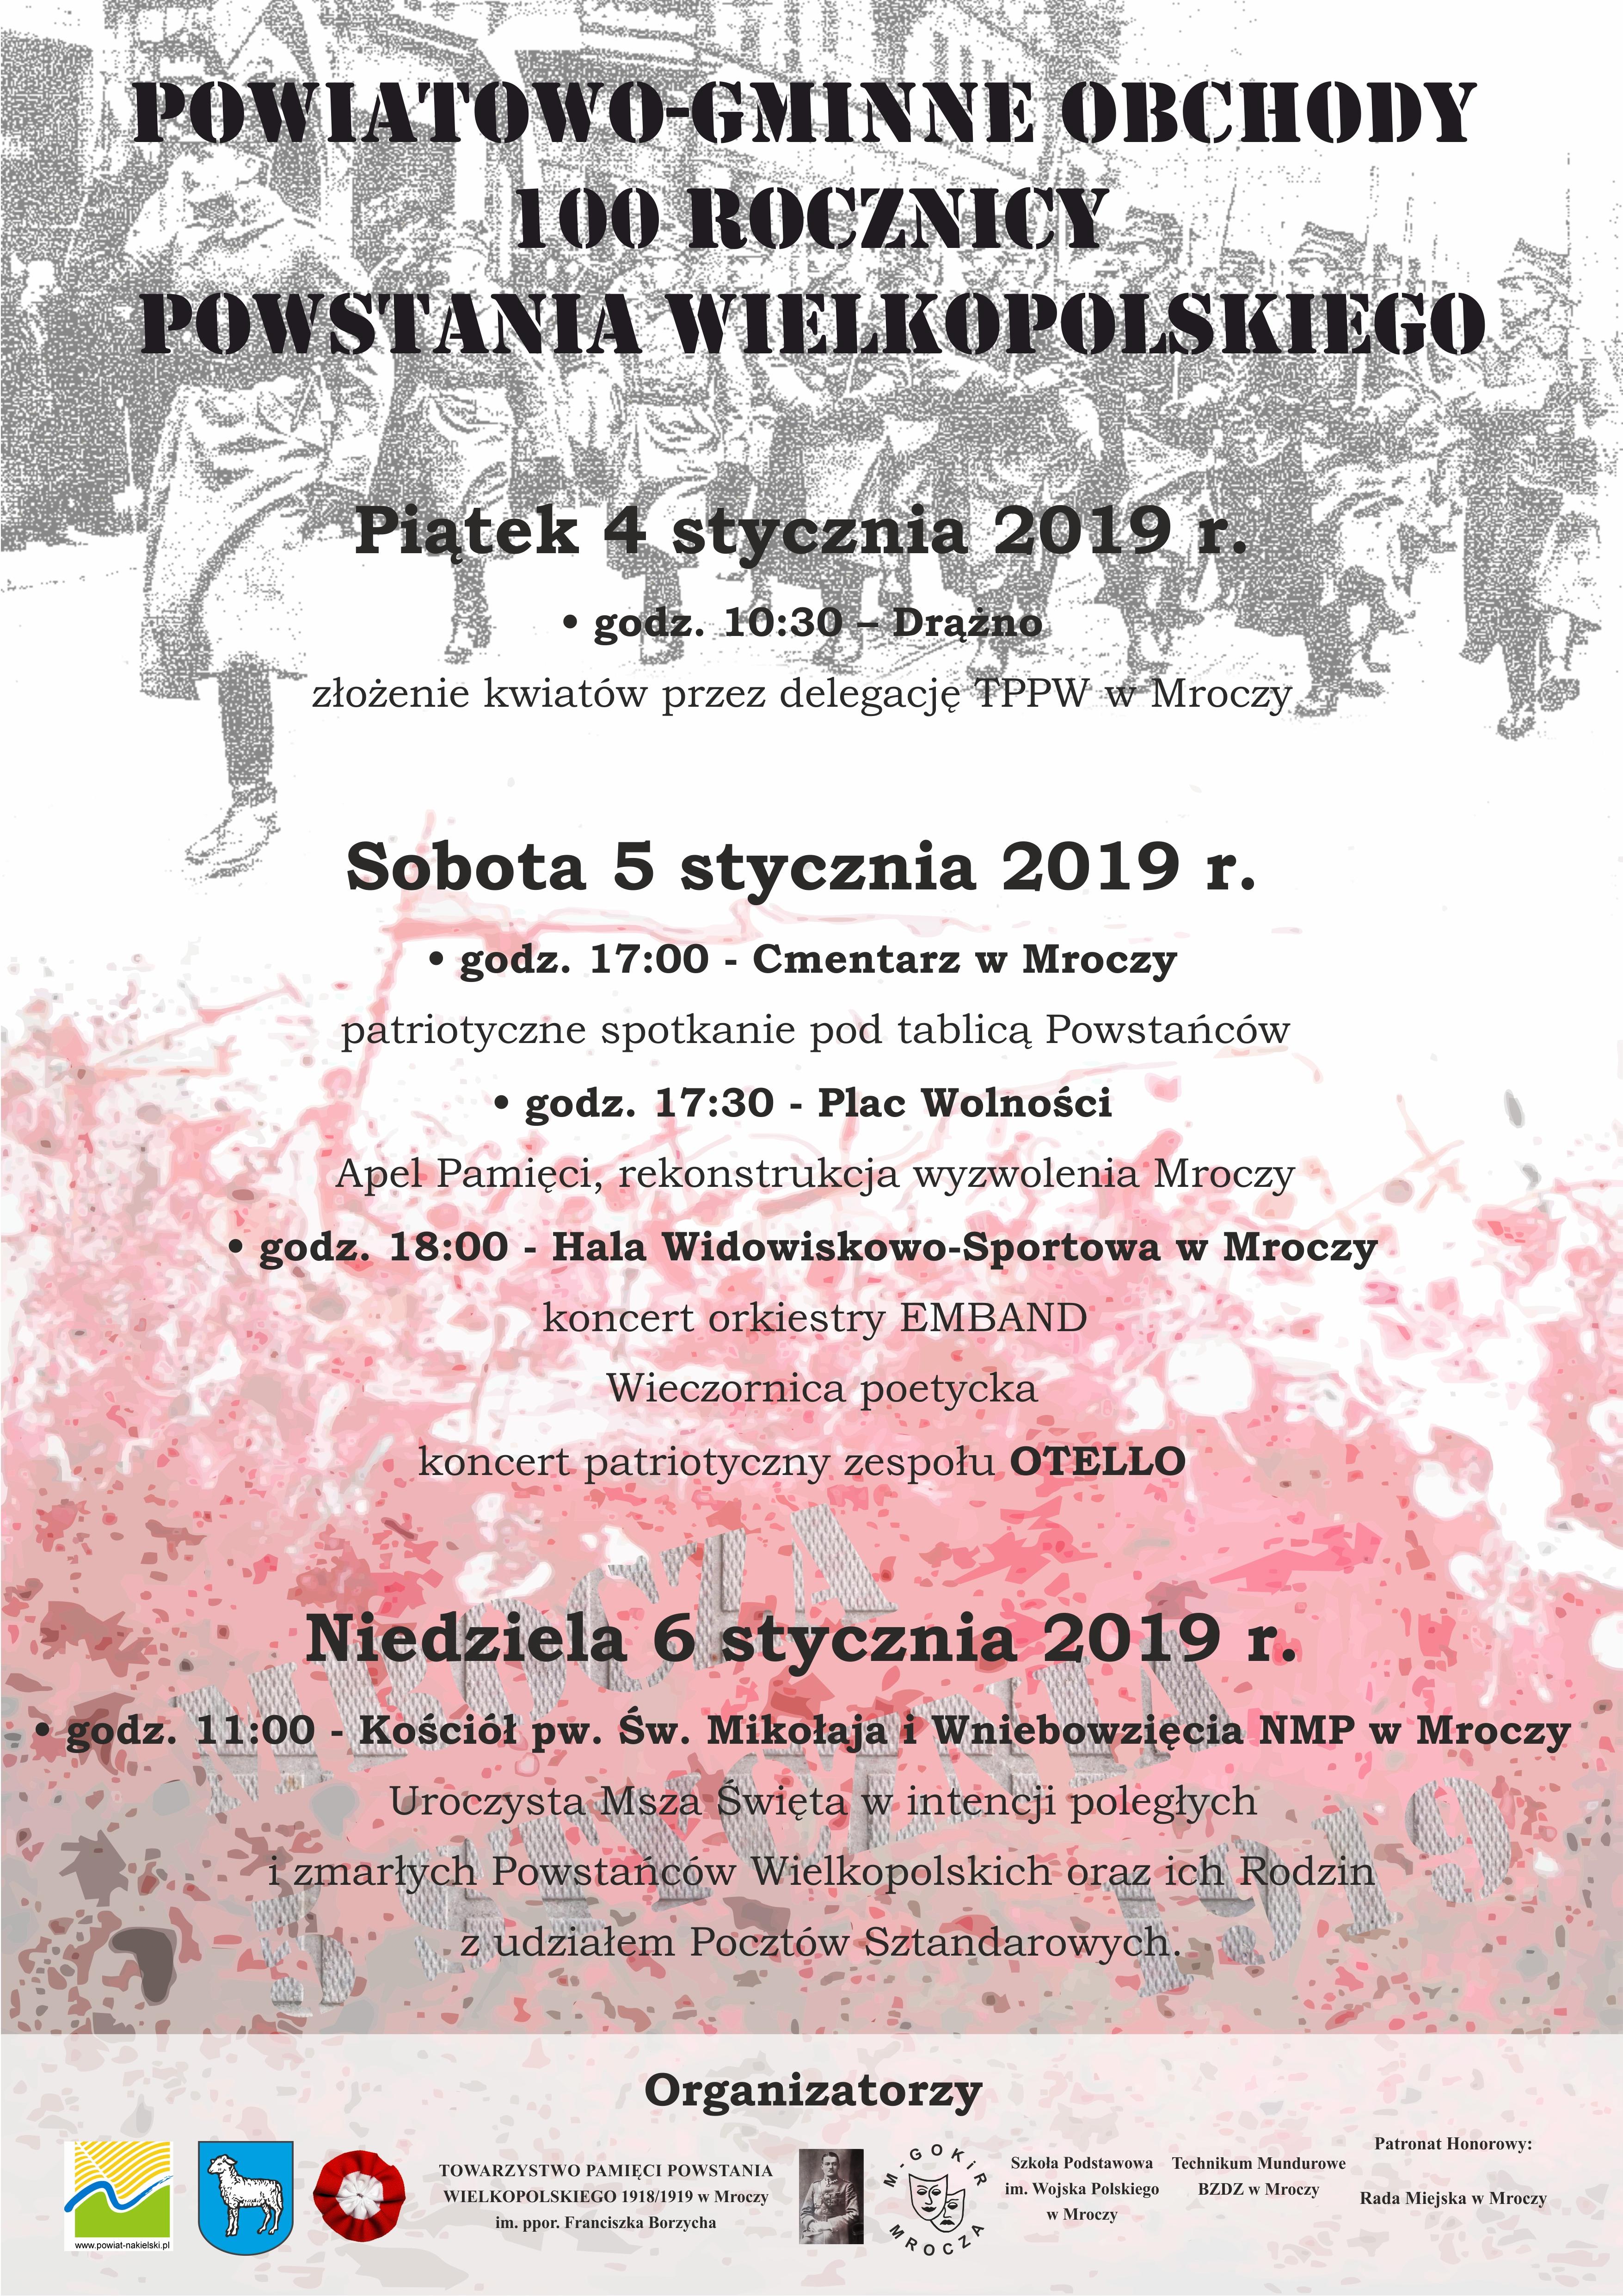 Powiatowo-Gminne obchody 100-lecia Powstania Wielkopolskiego w Mroczy